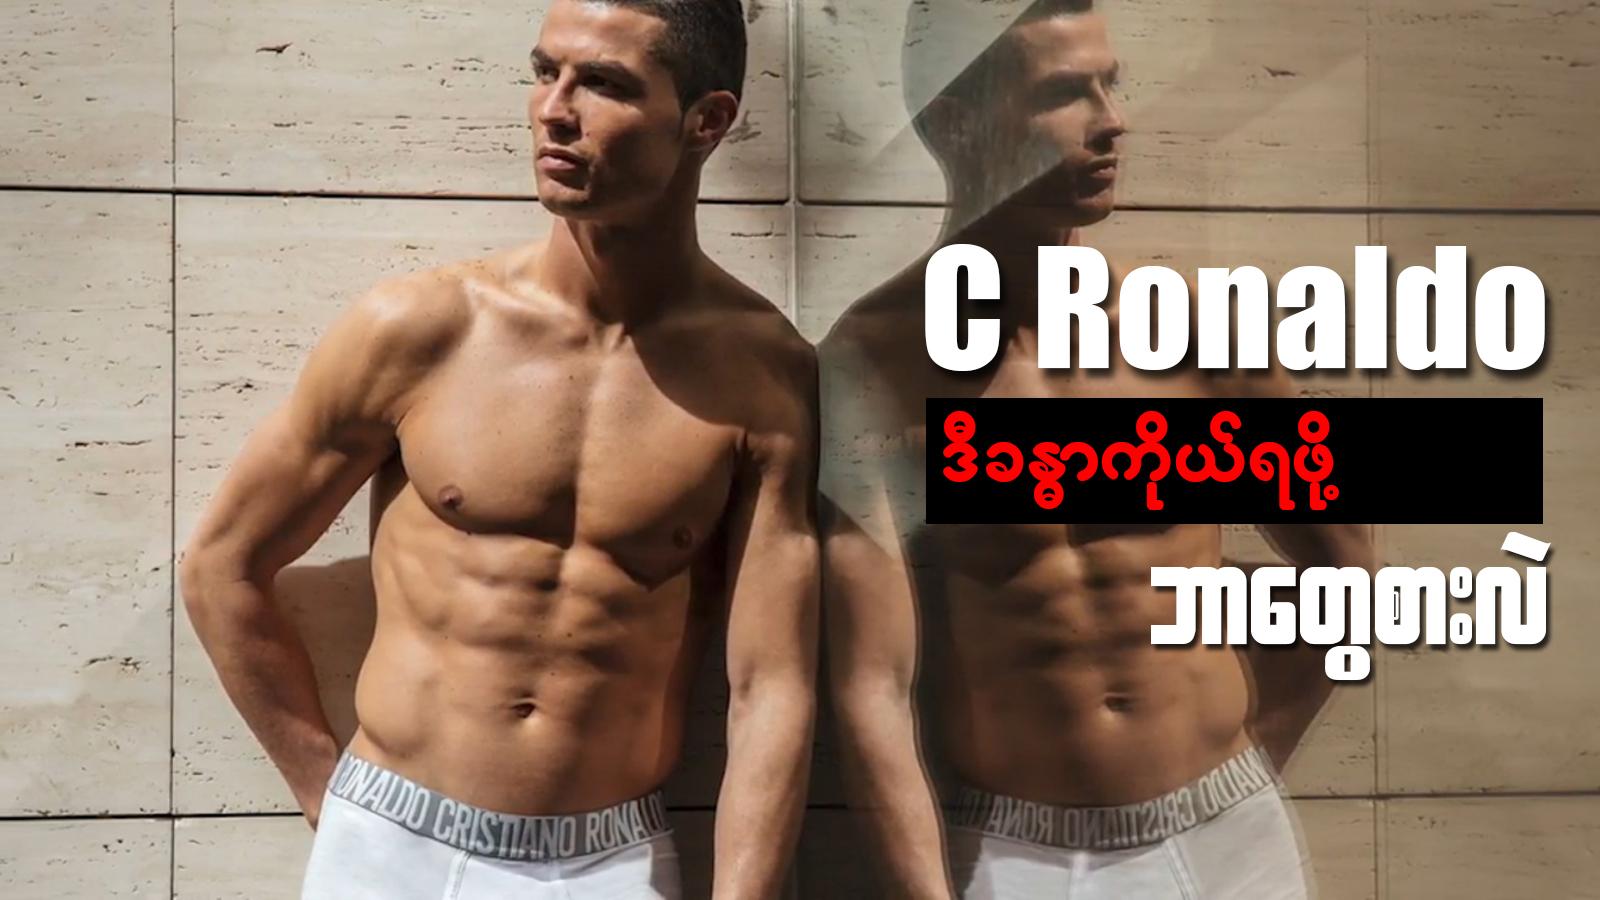 C Ronaldo ခႏၶာကိုယ္ရေအာင္ ဘာေတြစားလဲ